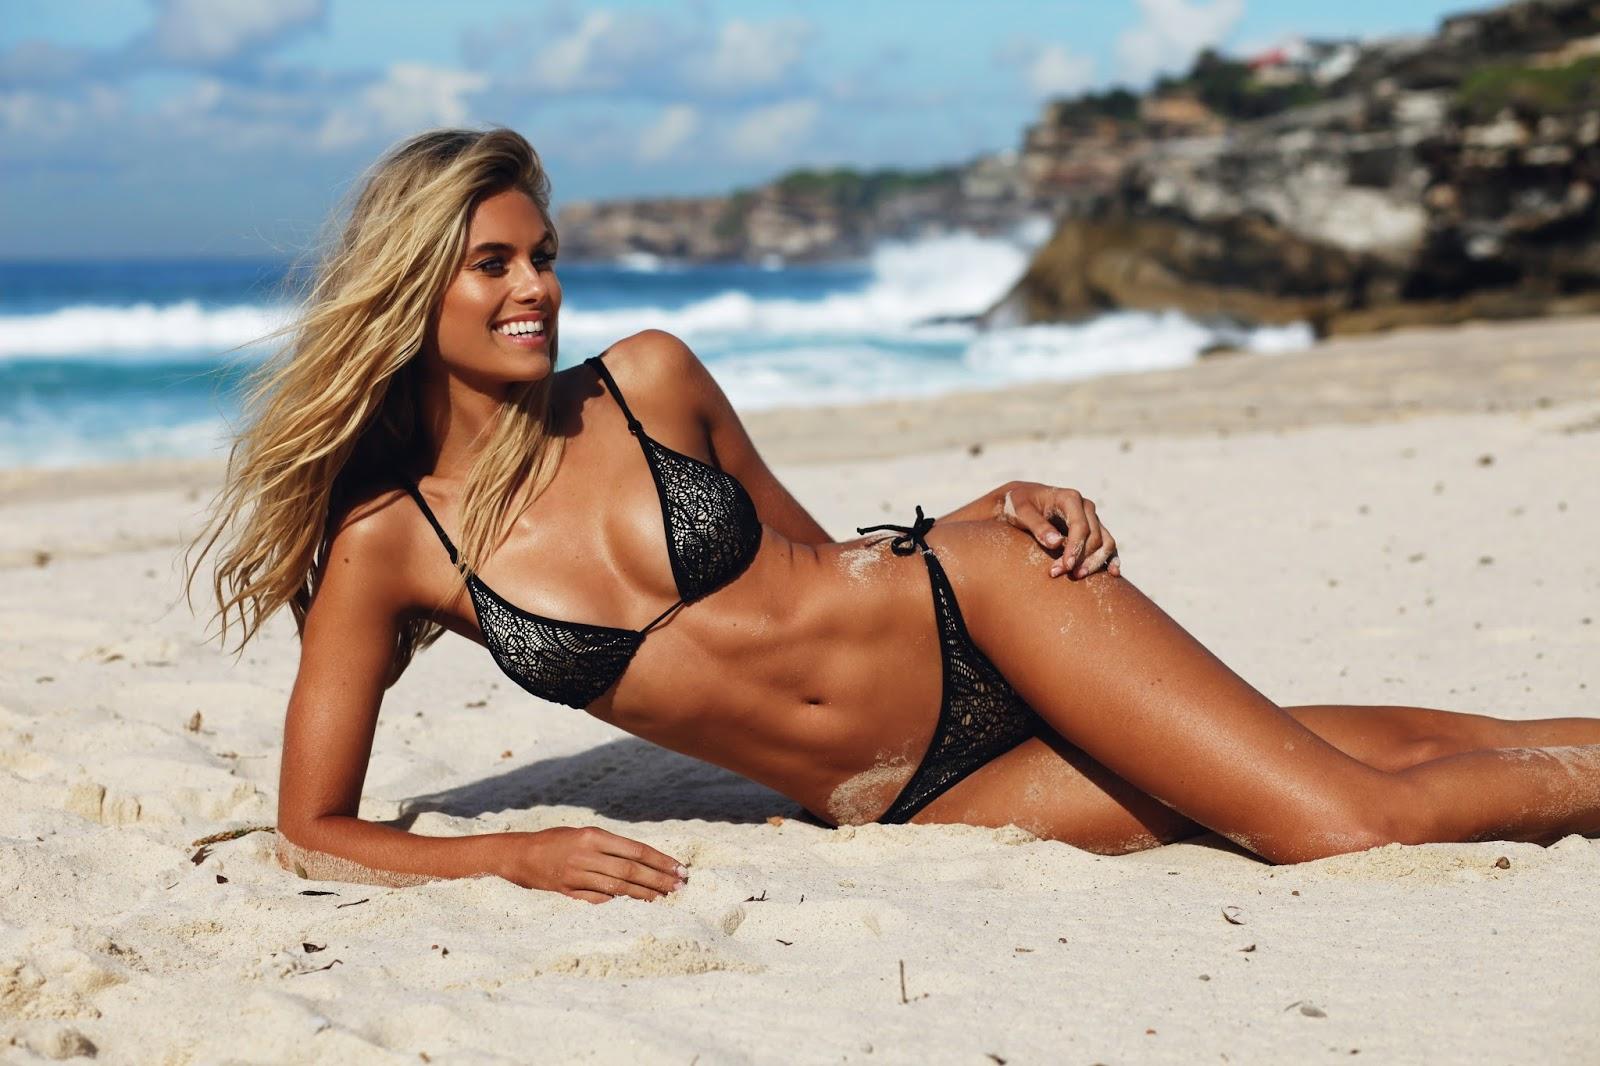 Natalie Roser en bikini sur la plage